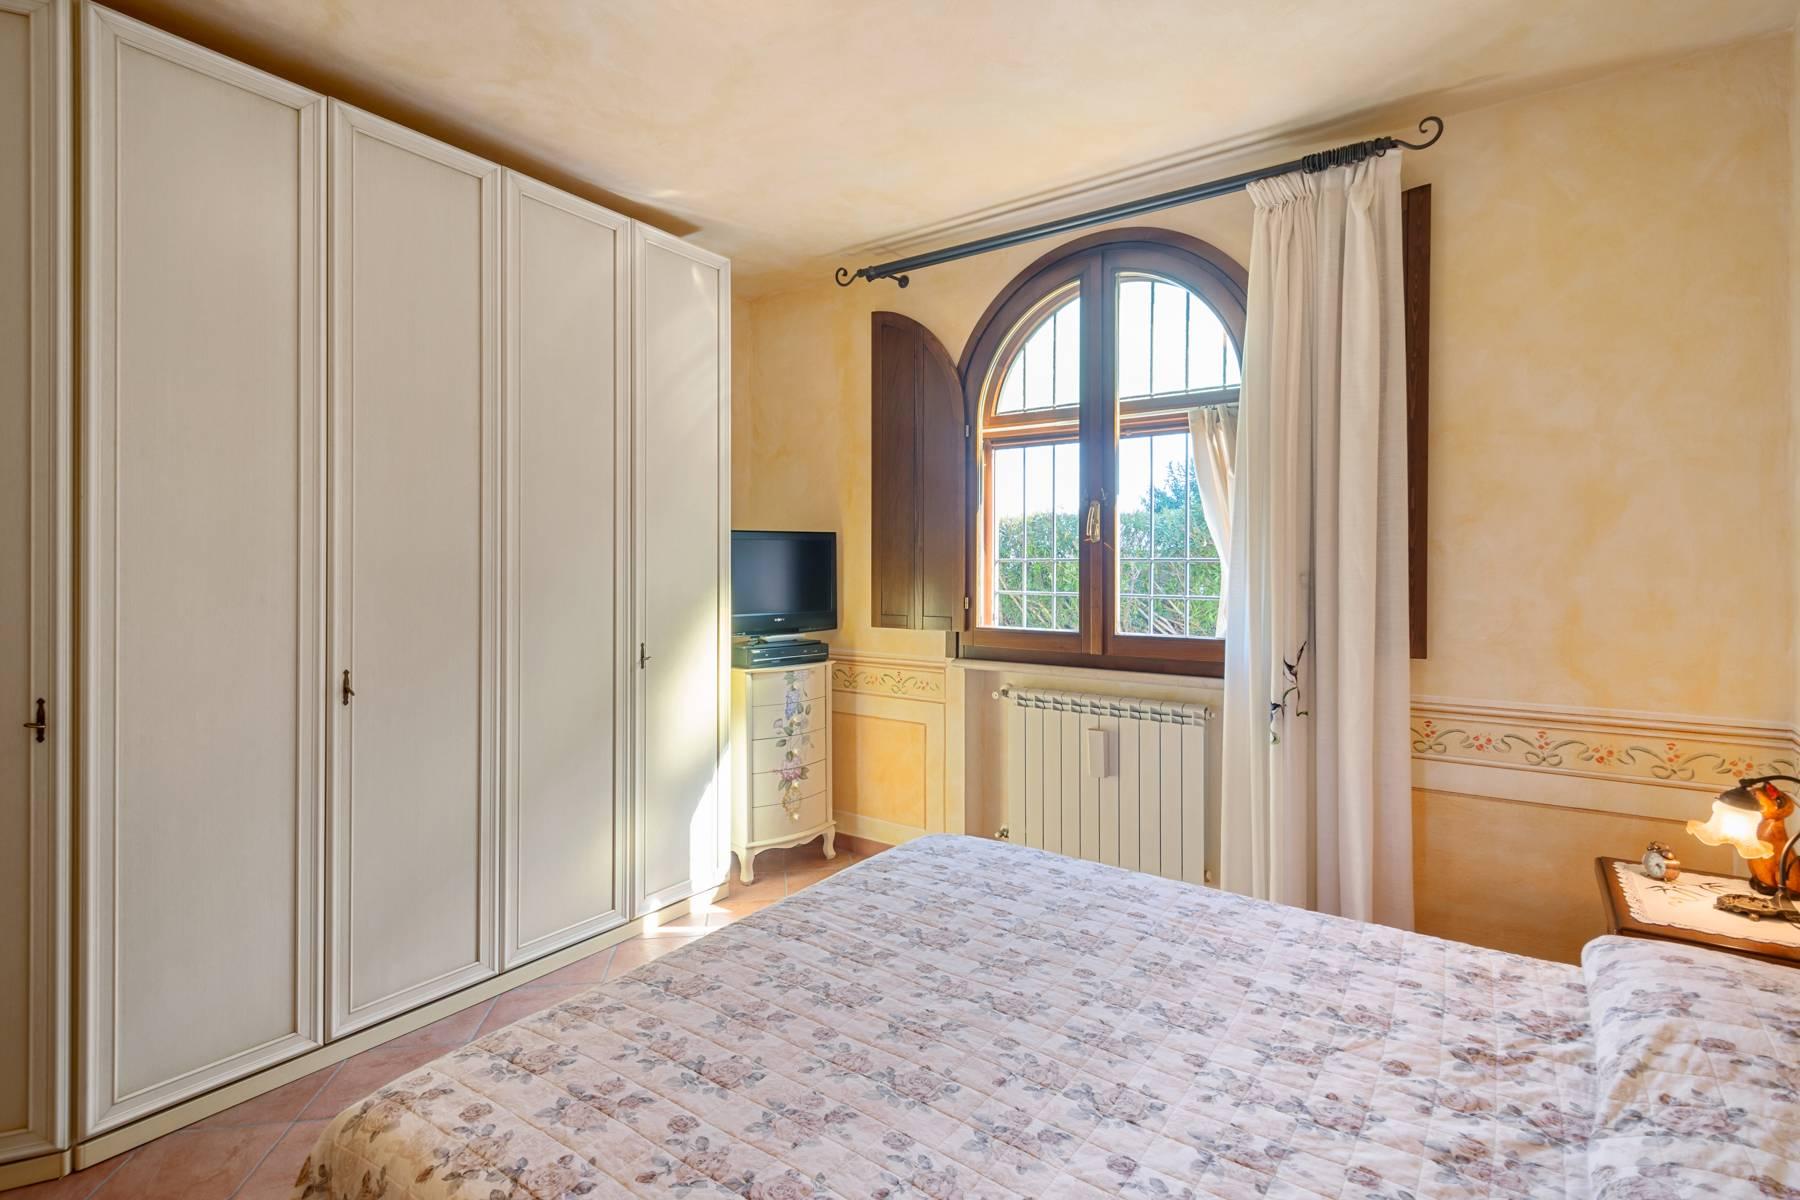 Casa indipendente in Vendita a Toscolano-Maderno: 4 locali, 76 mq - Foto 12